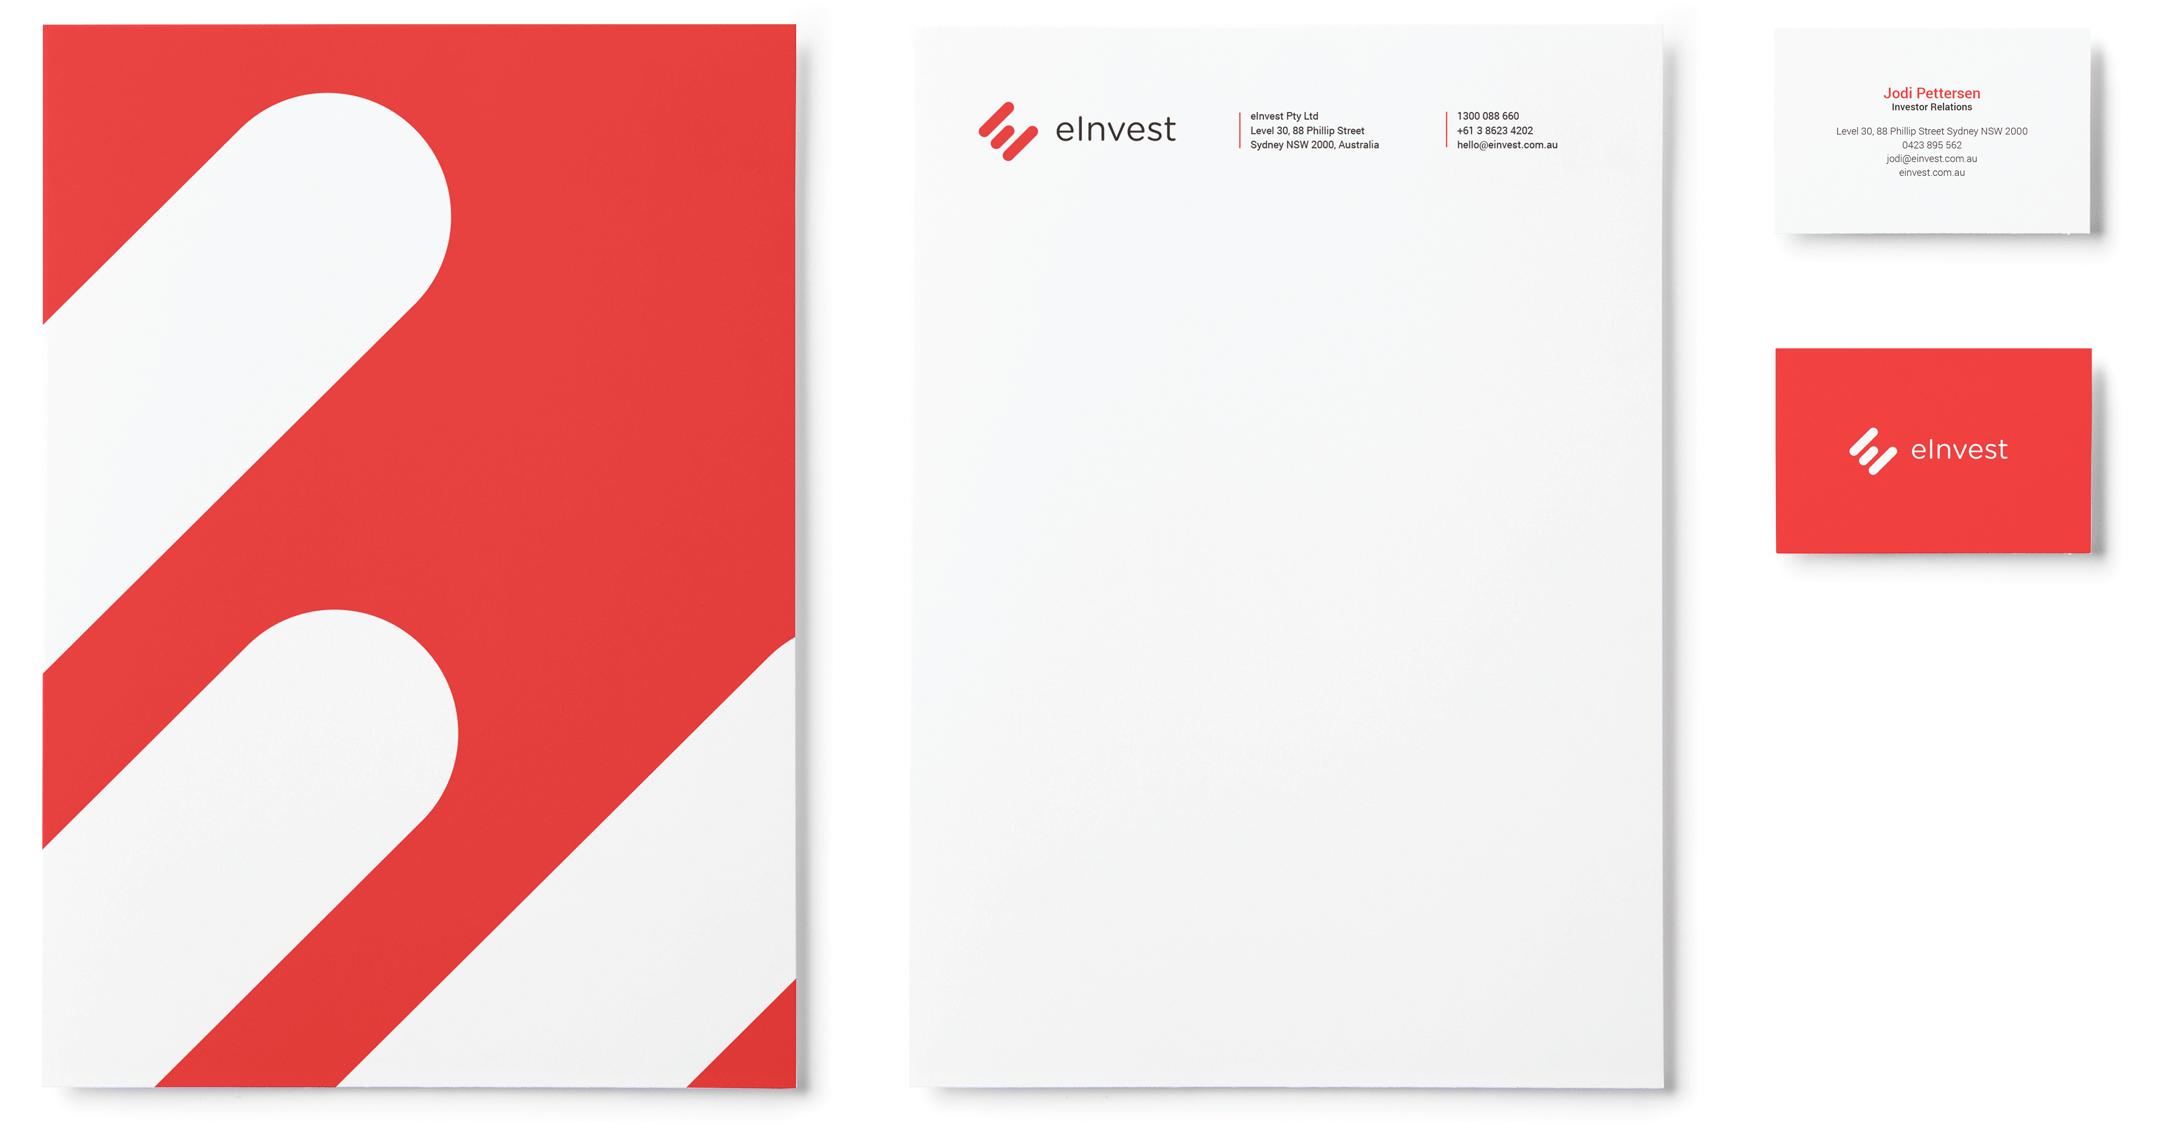 eInvest Stationery Design